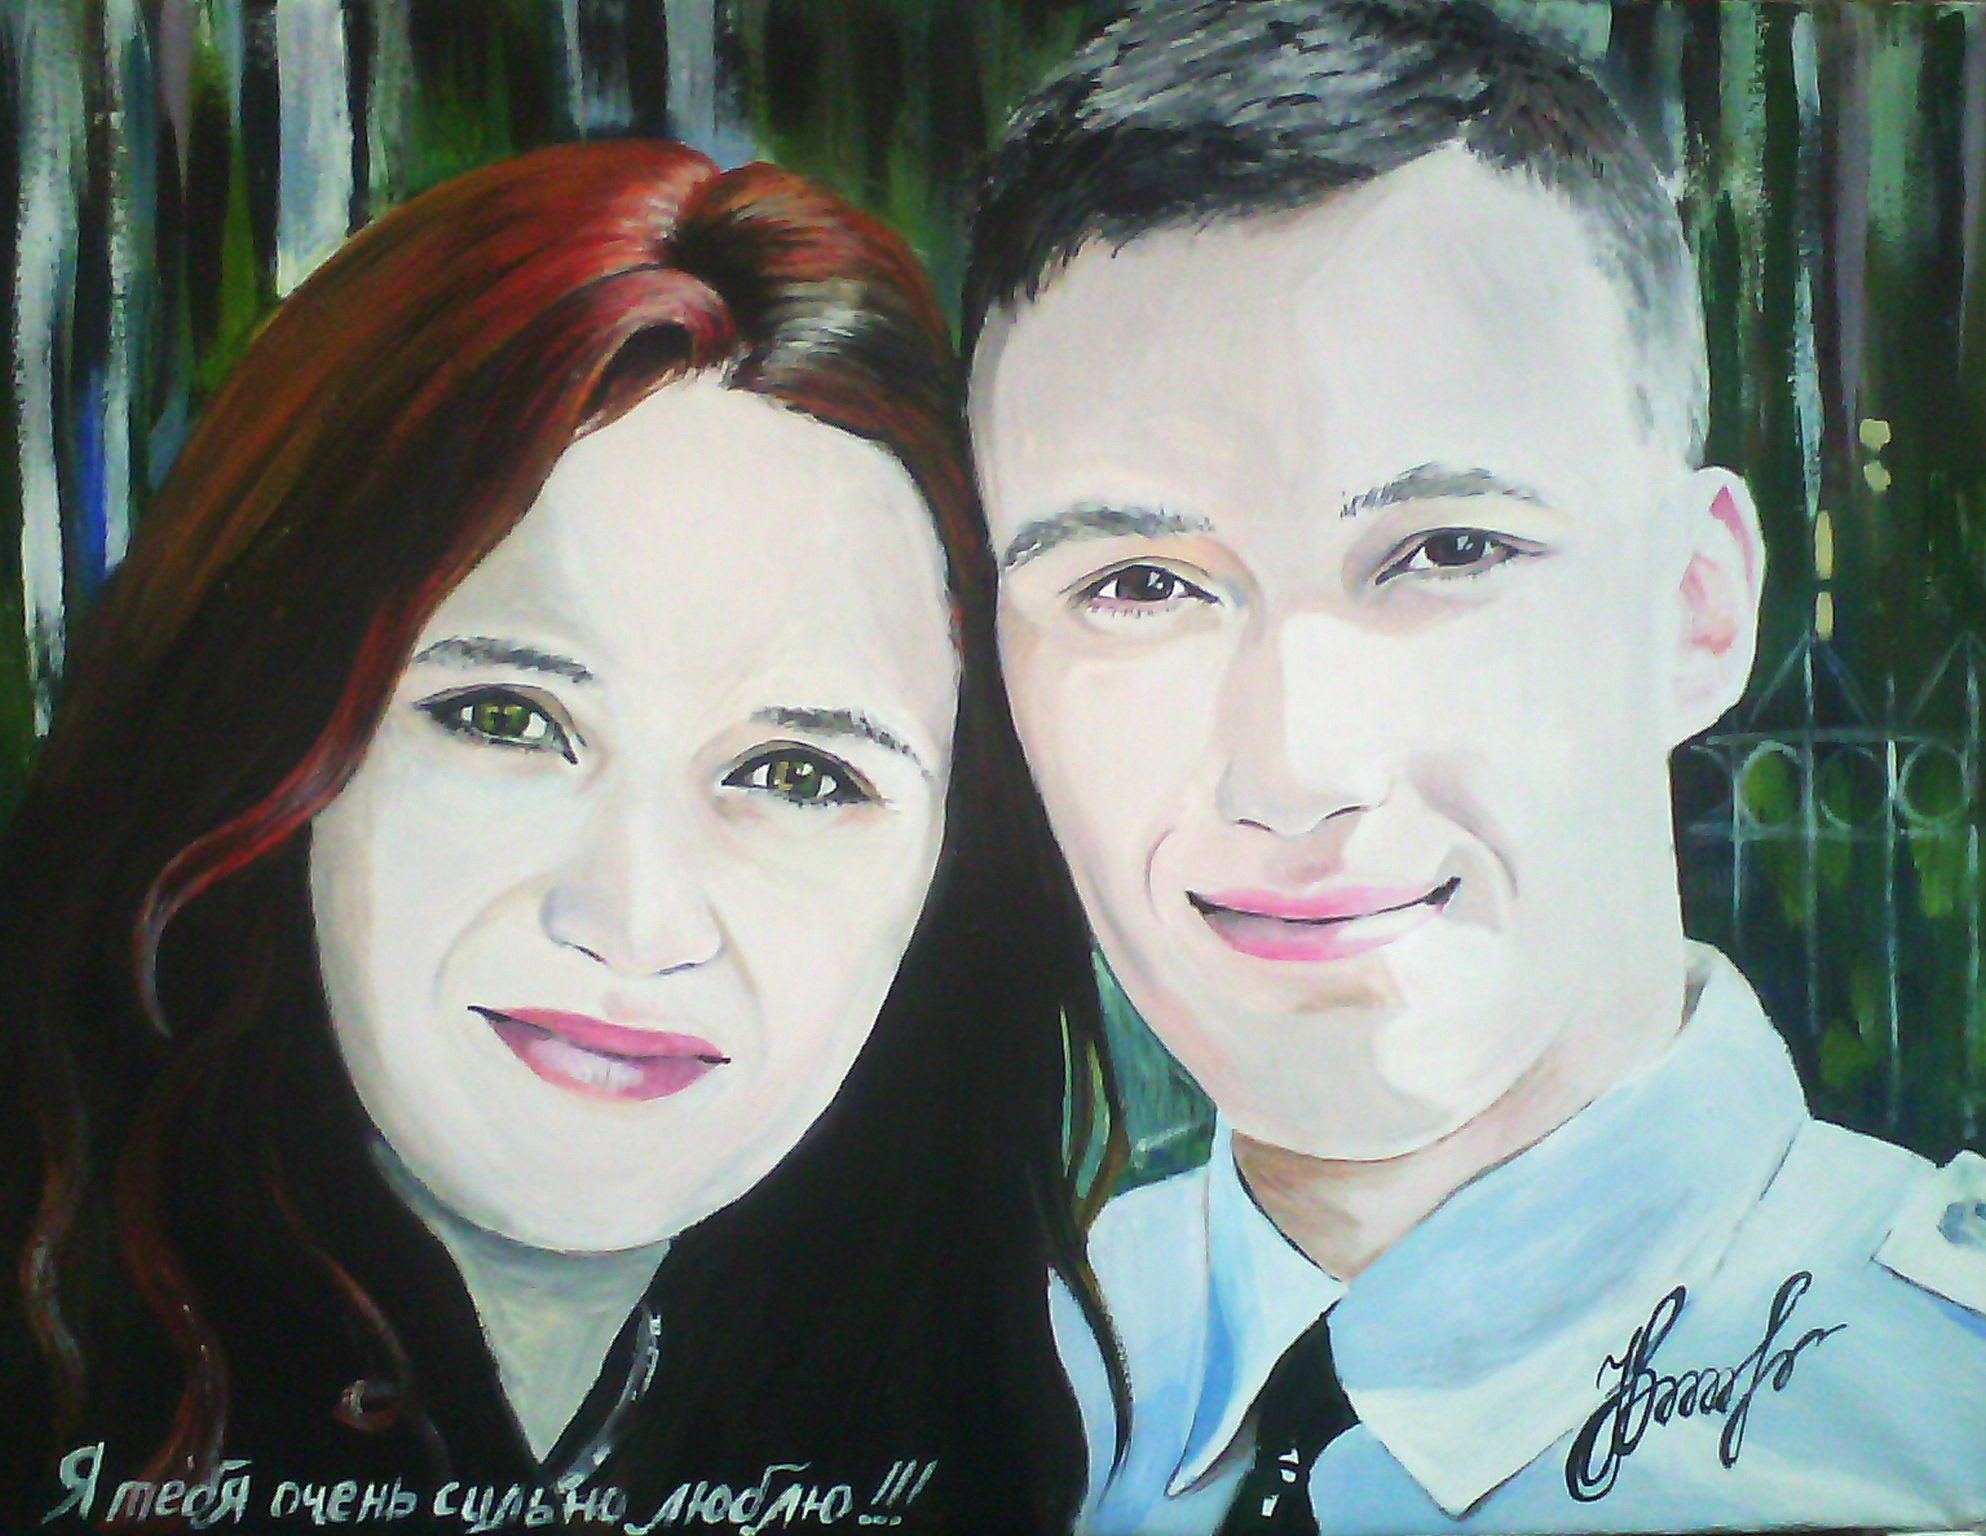 35beZAC7hn8 Реалистичный портрет (красками)